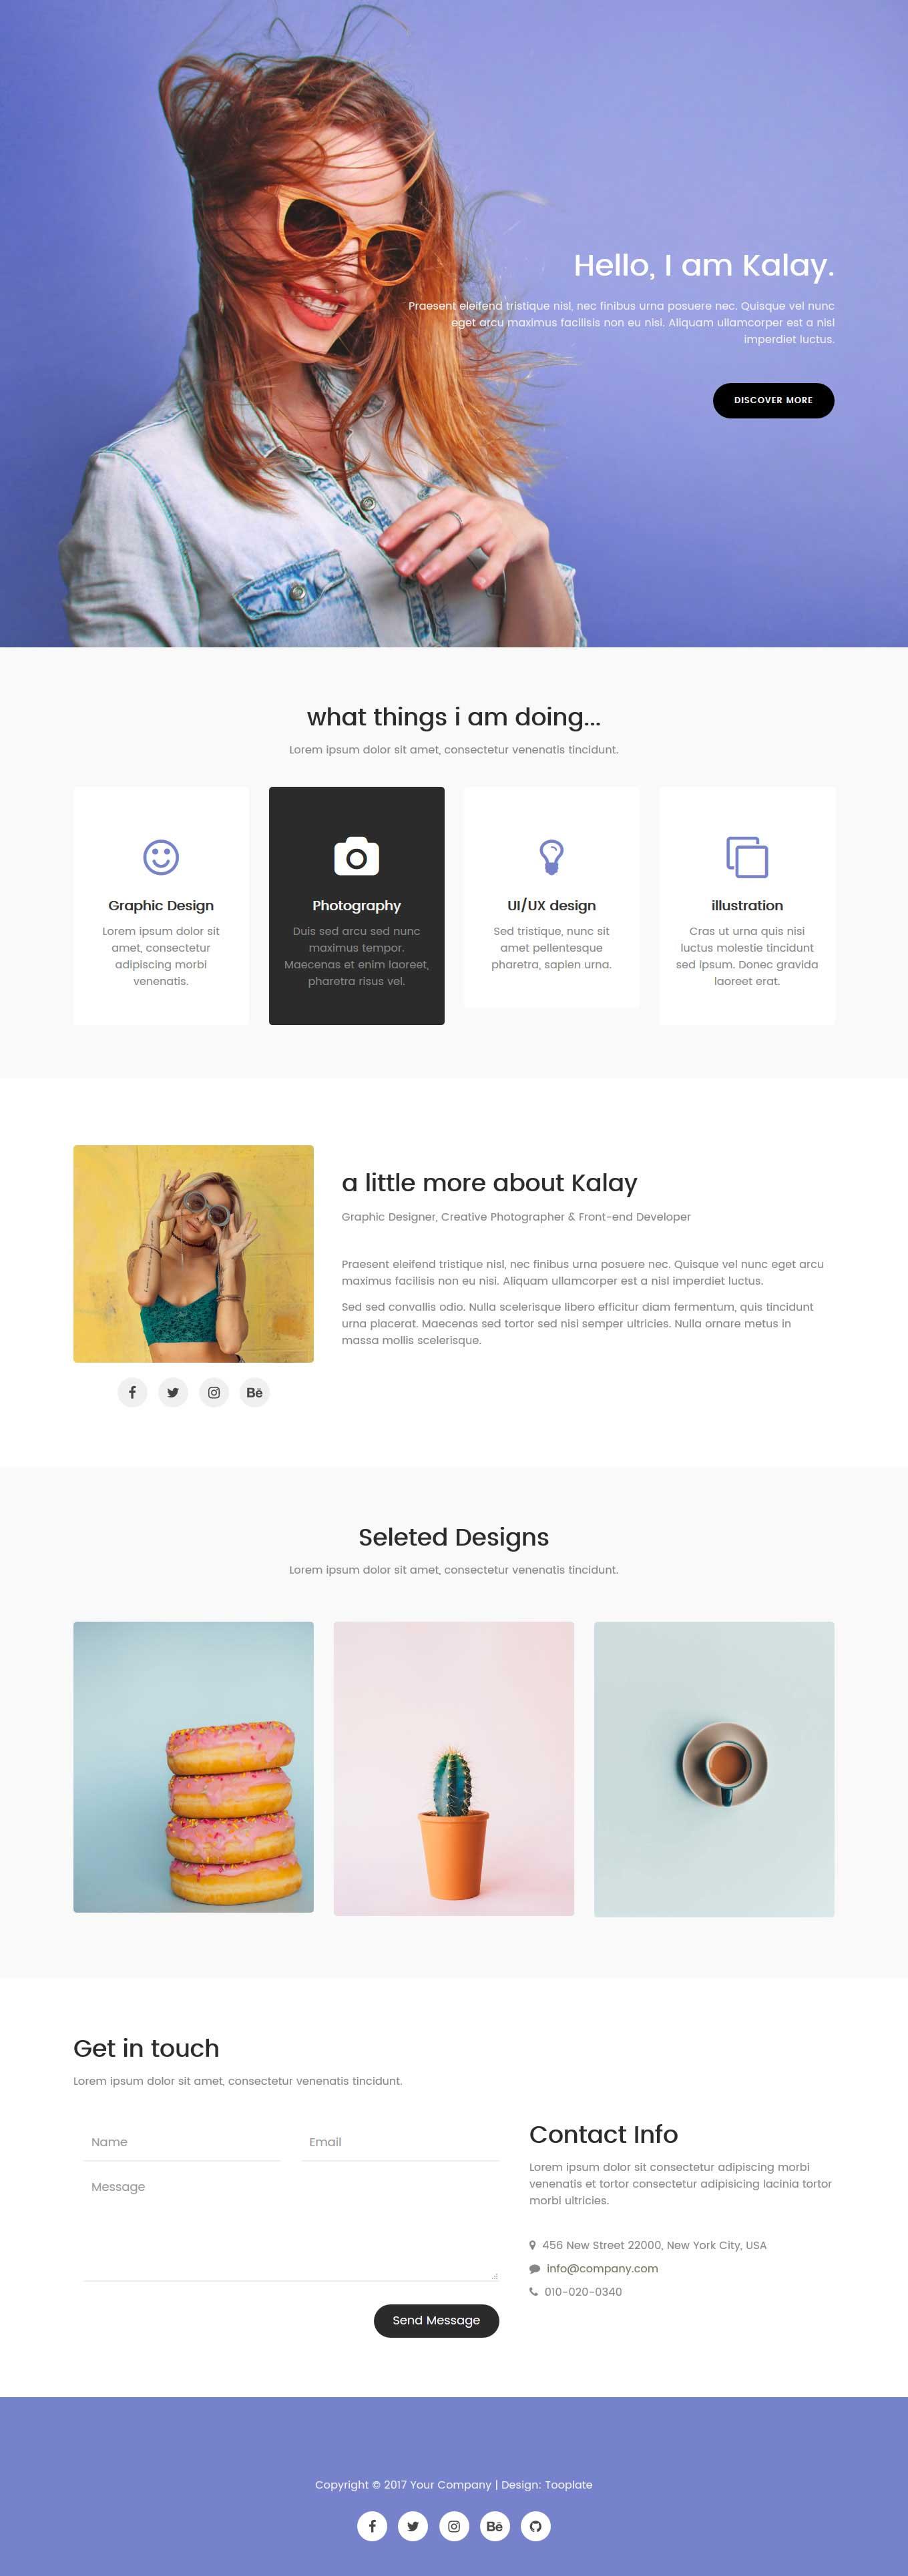 Web Templates Design Worksheets